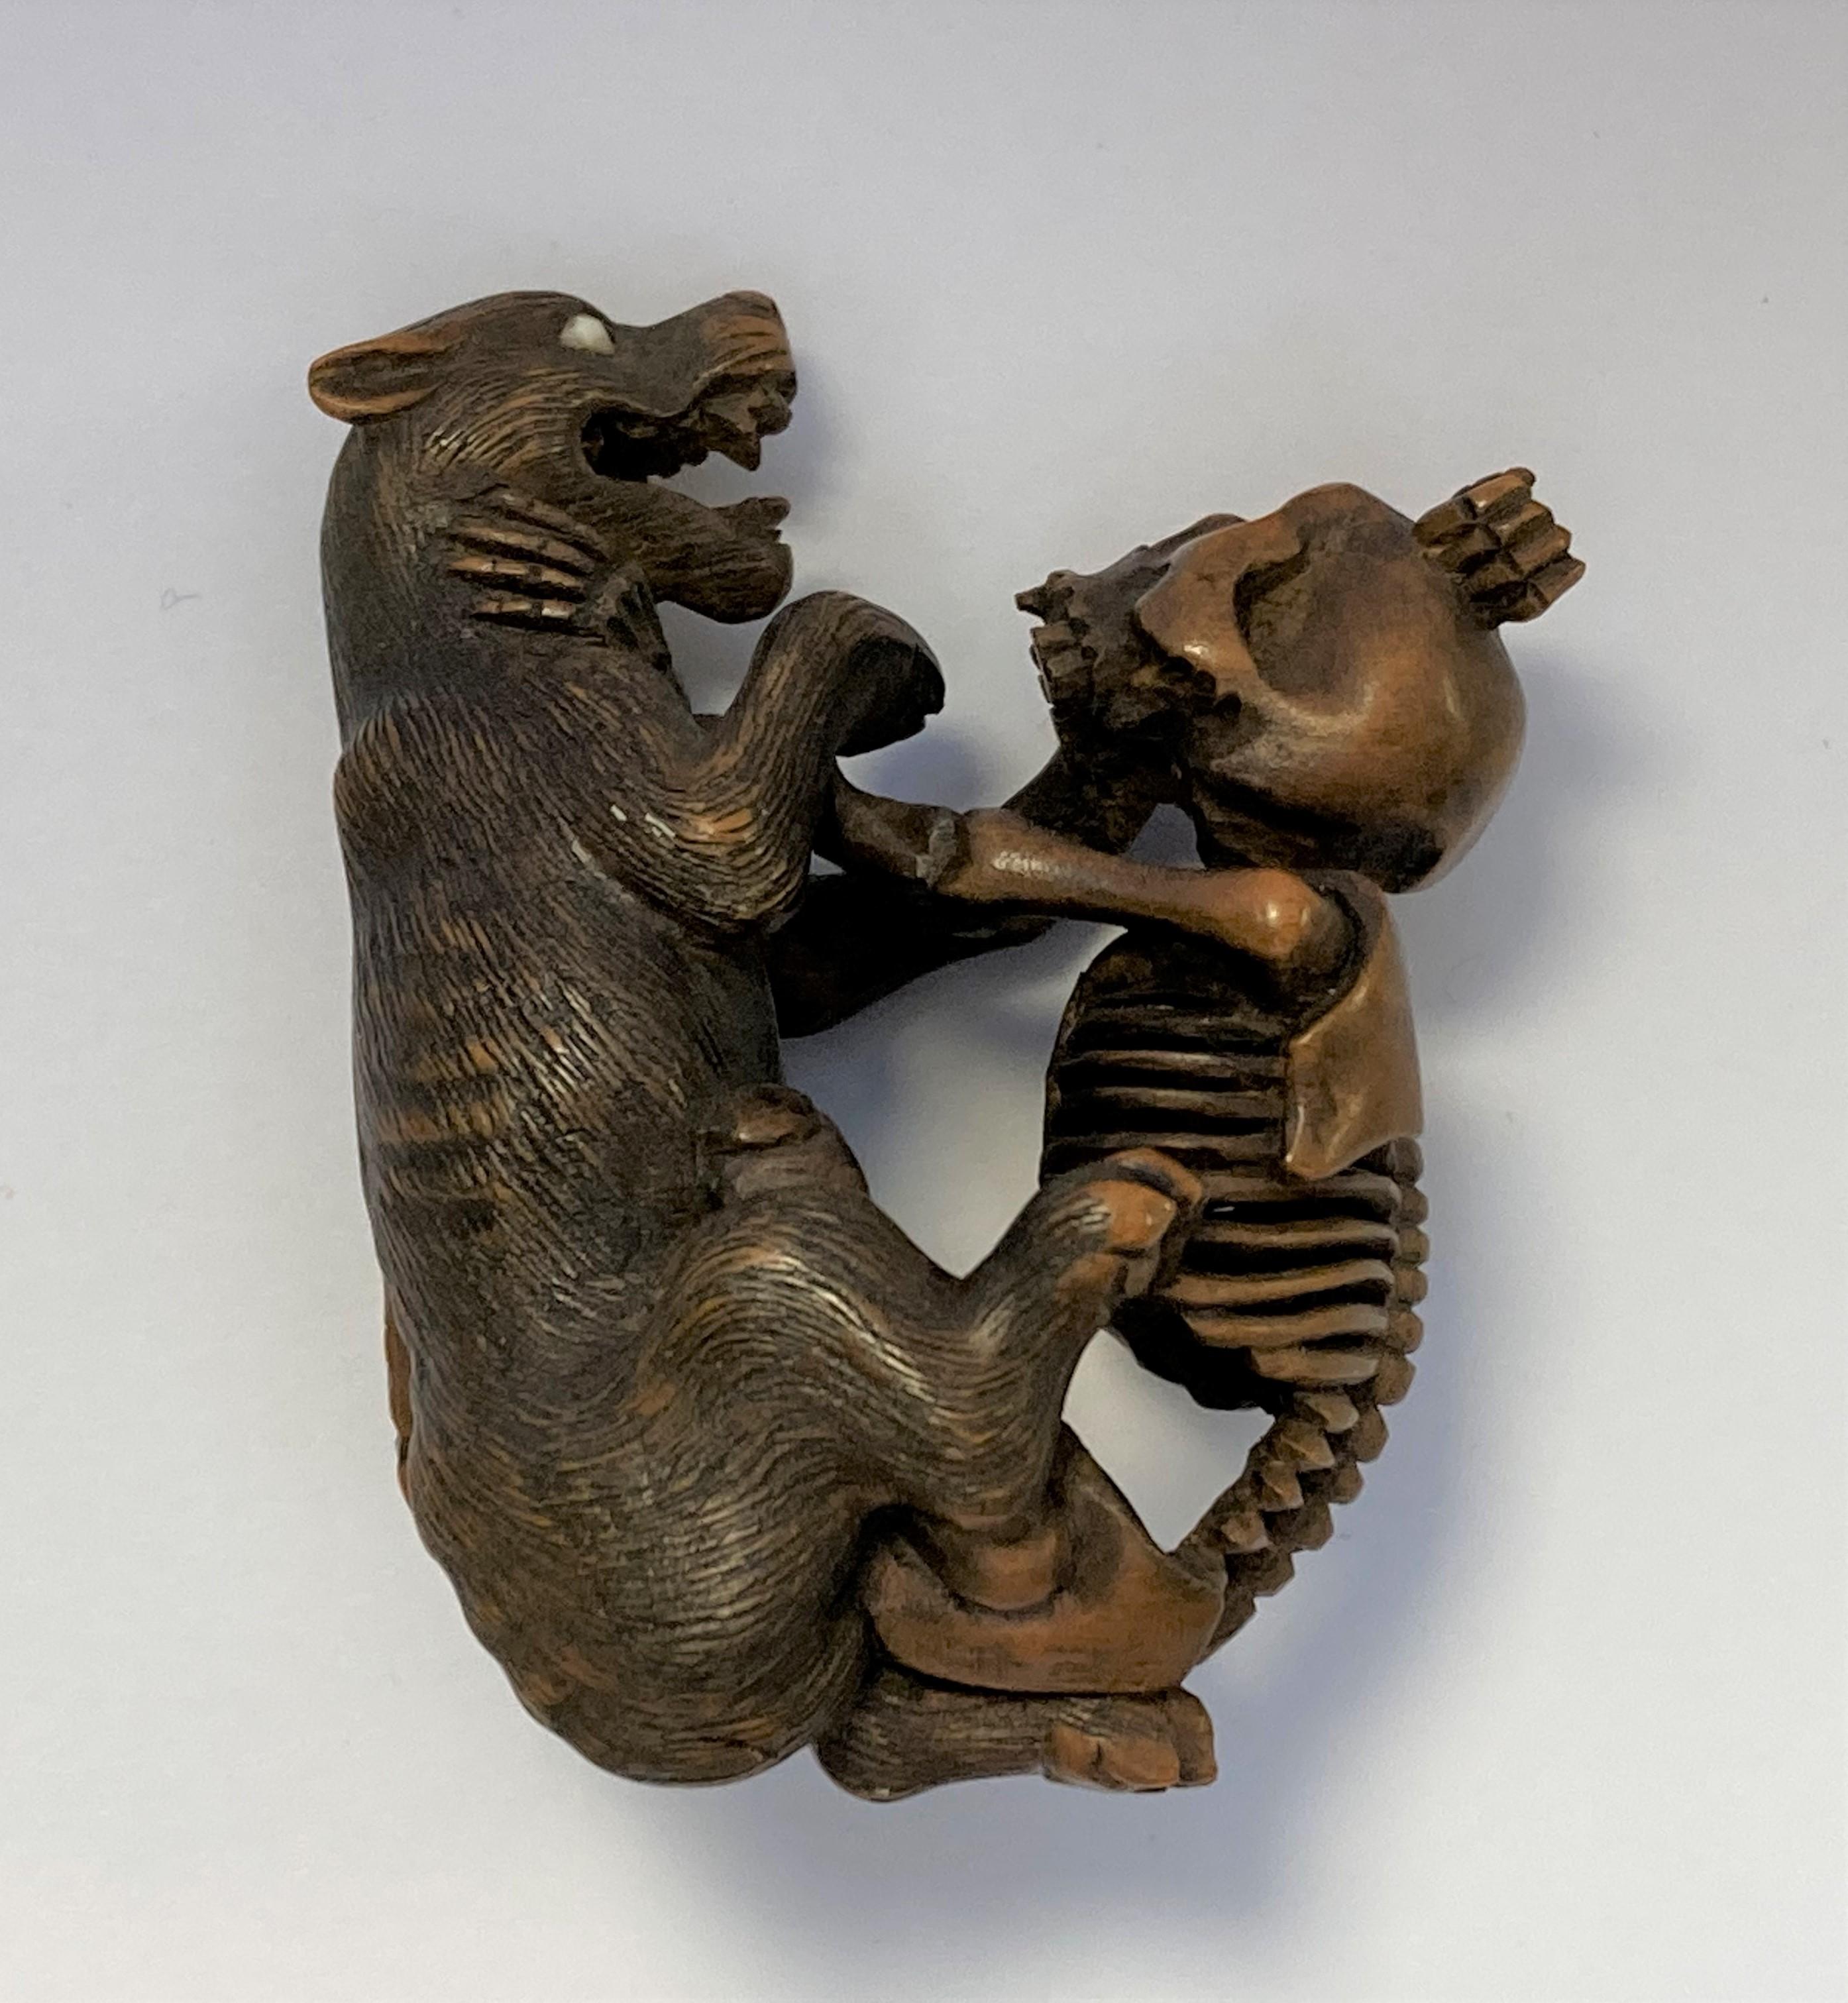 NETSUKE en bois figurant un squelette et un loup combattant, la main du squelette sur la gorge de - Image 2 of 4